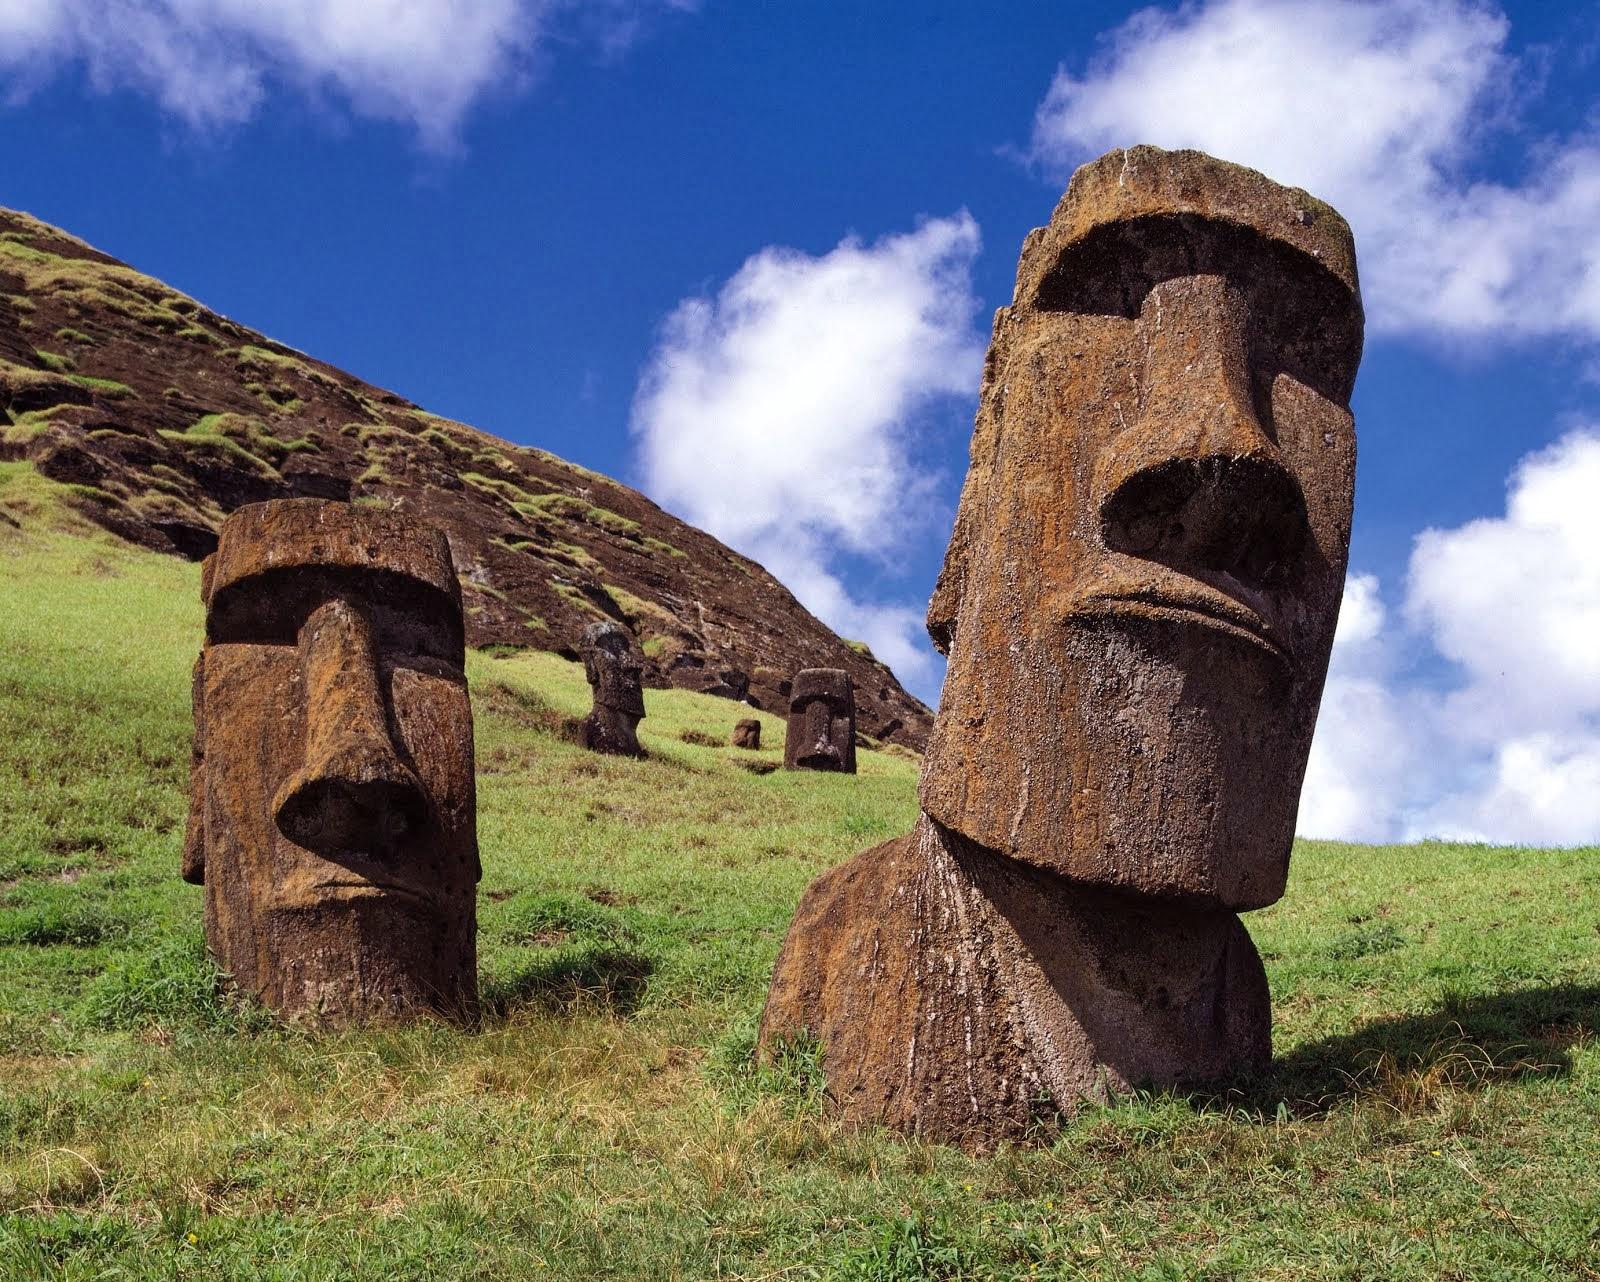 รูปหินแกะสลักหน้าคน Moai บนเกาะอีสเตอร์